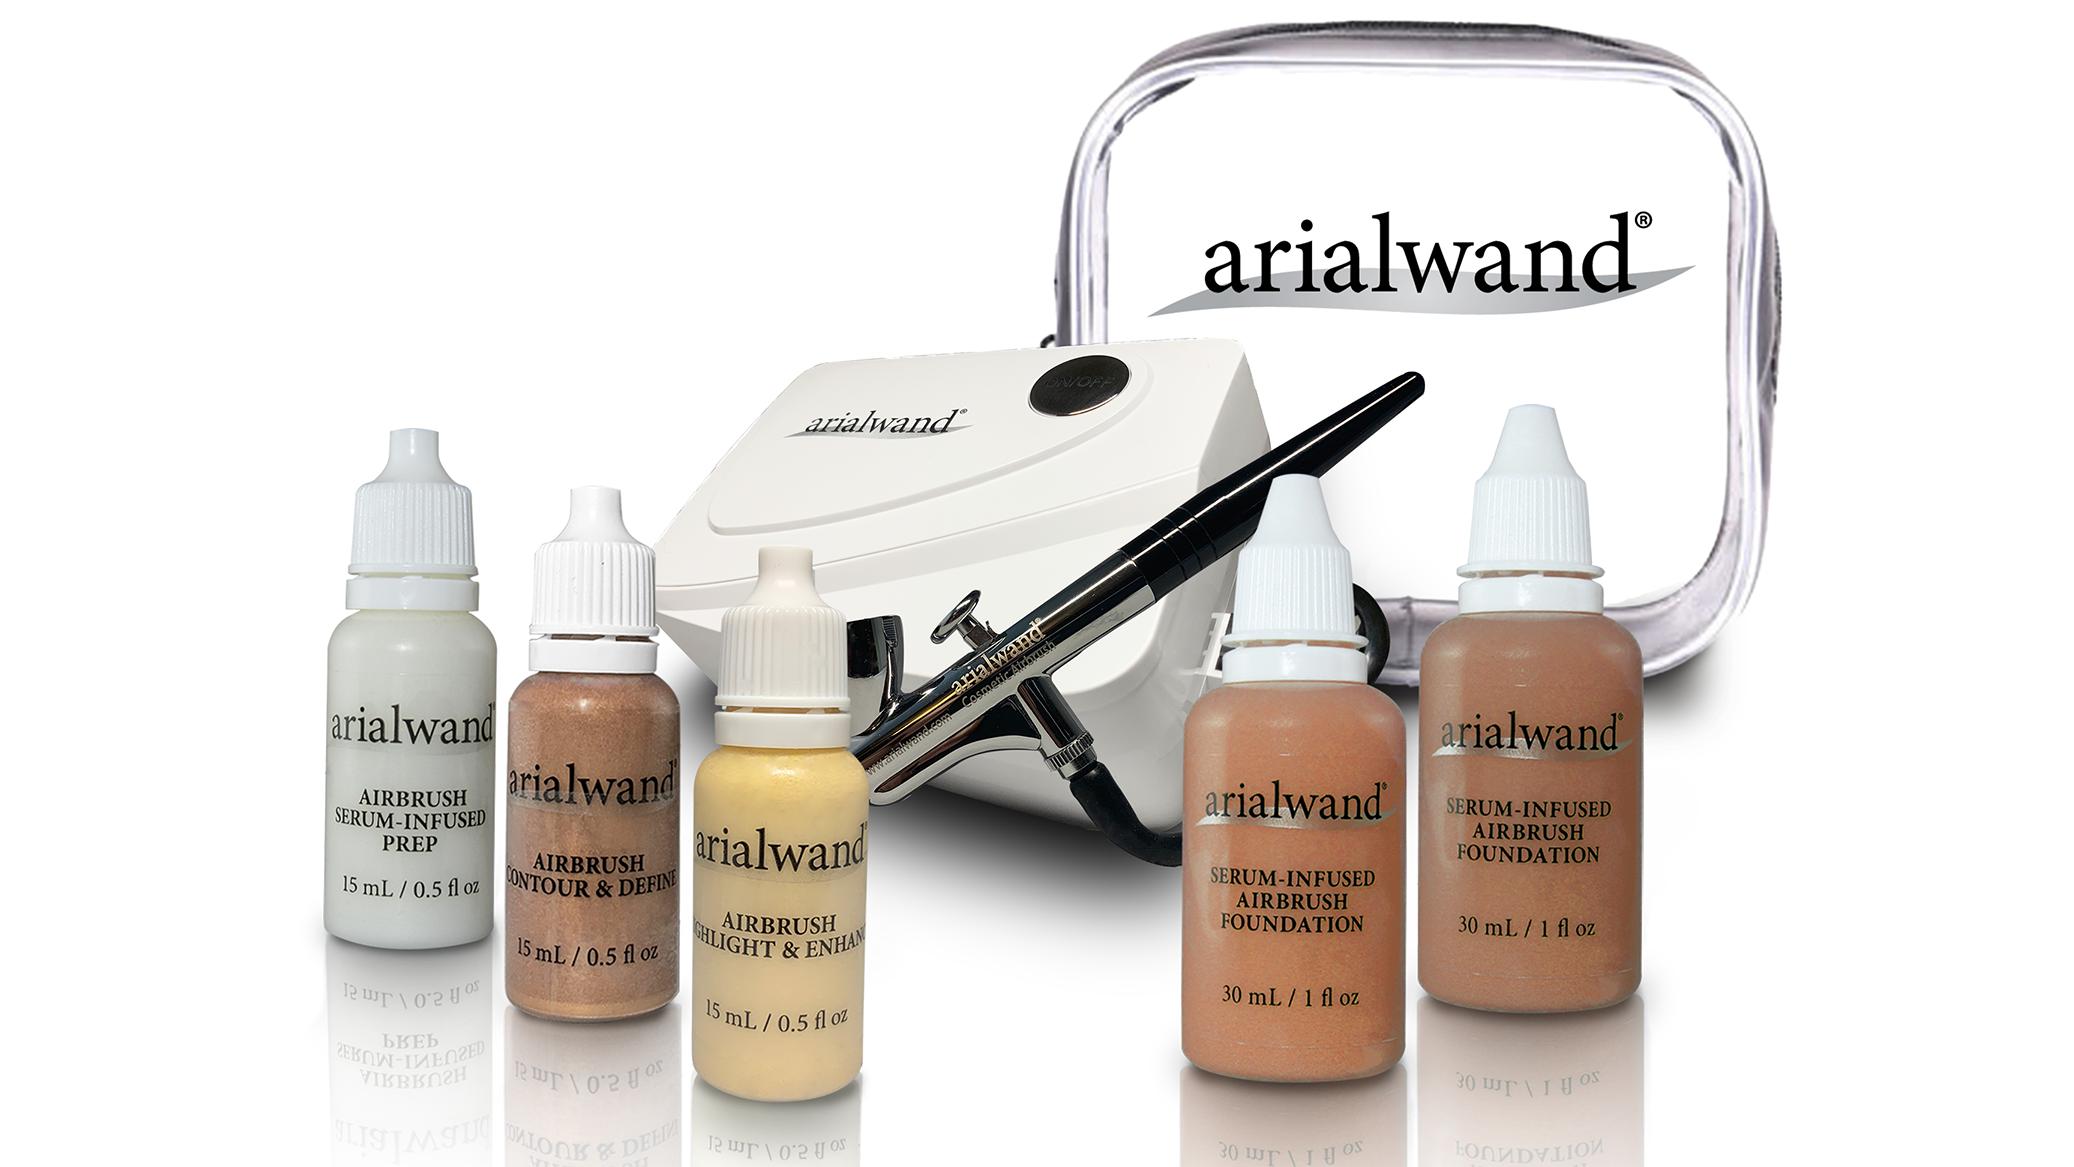 Arialwand airbrush makeup kit